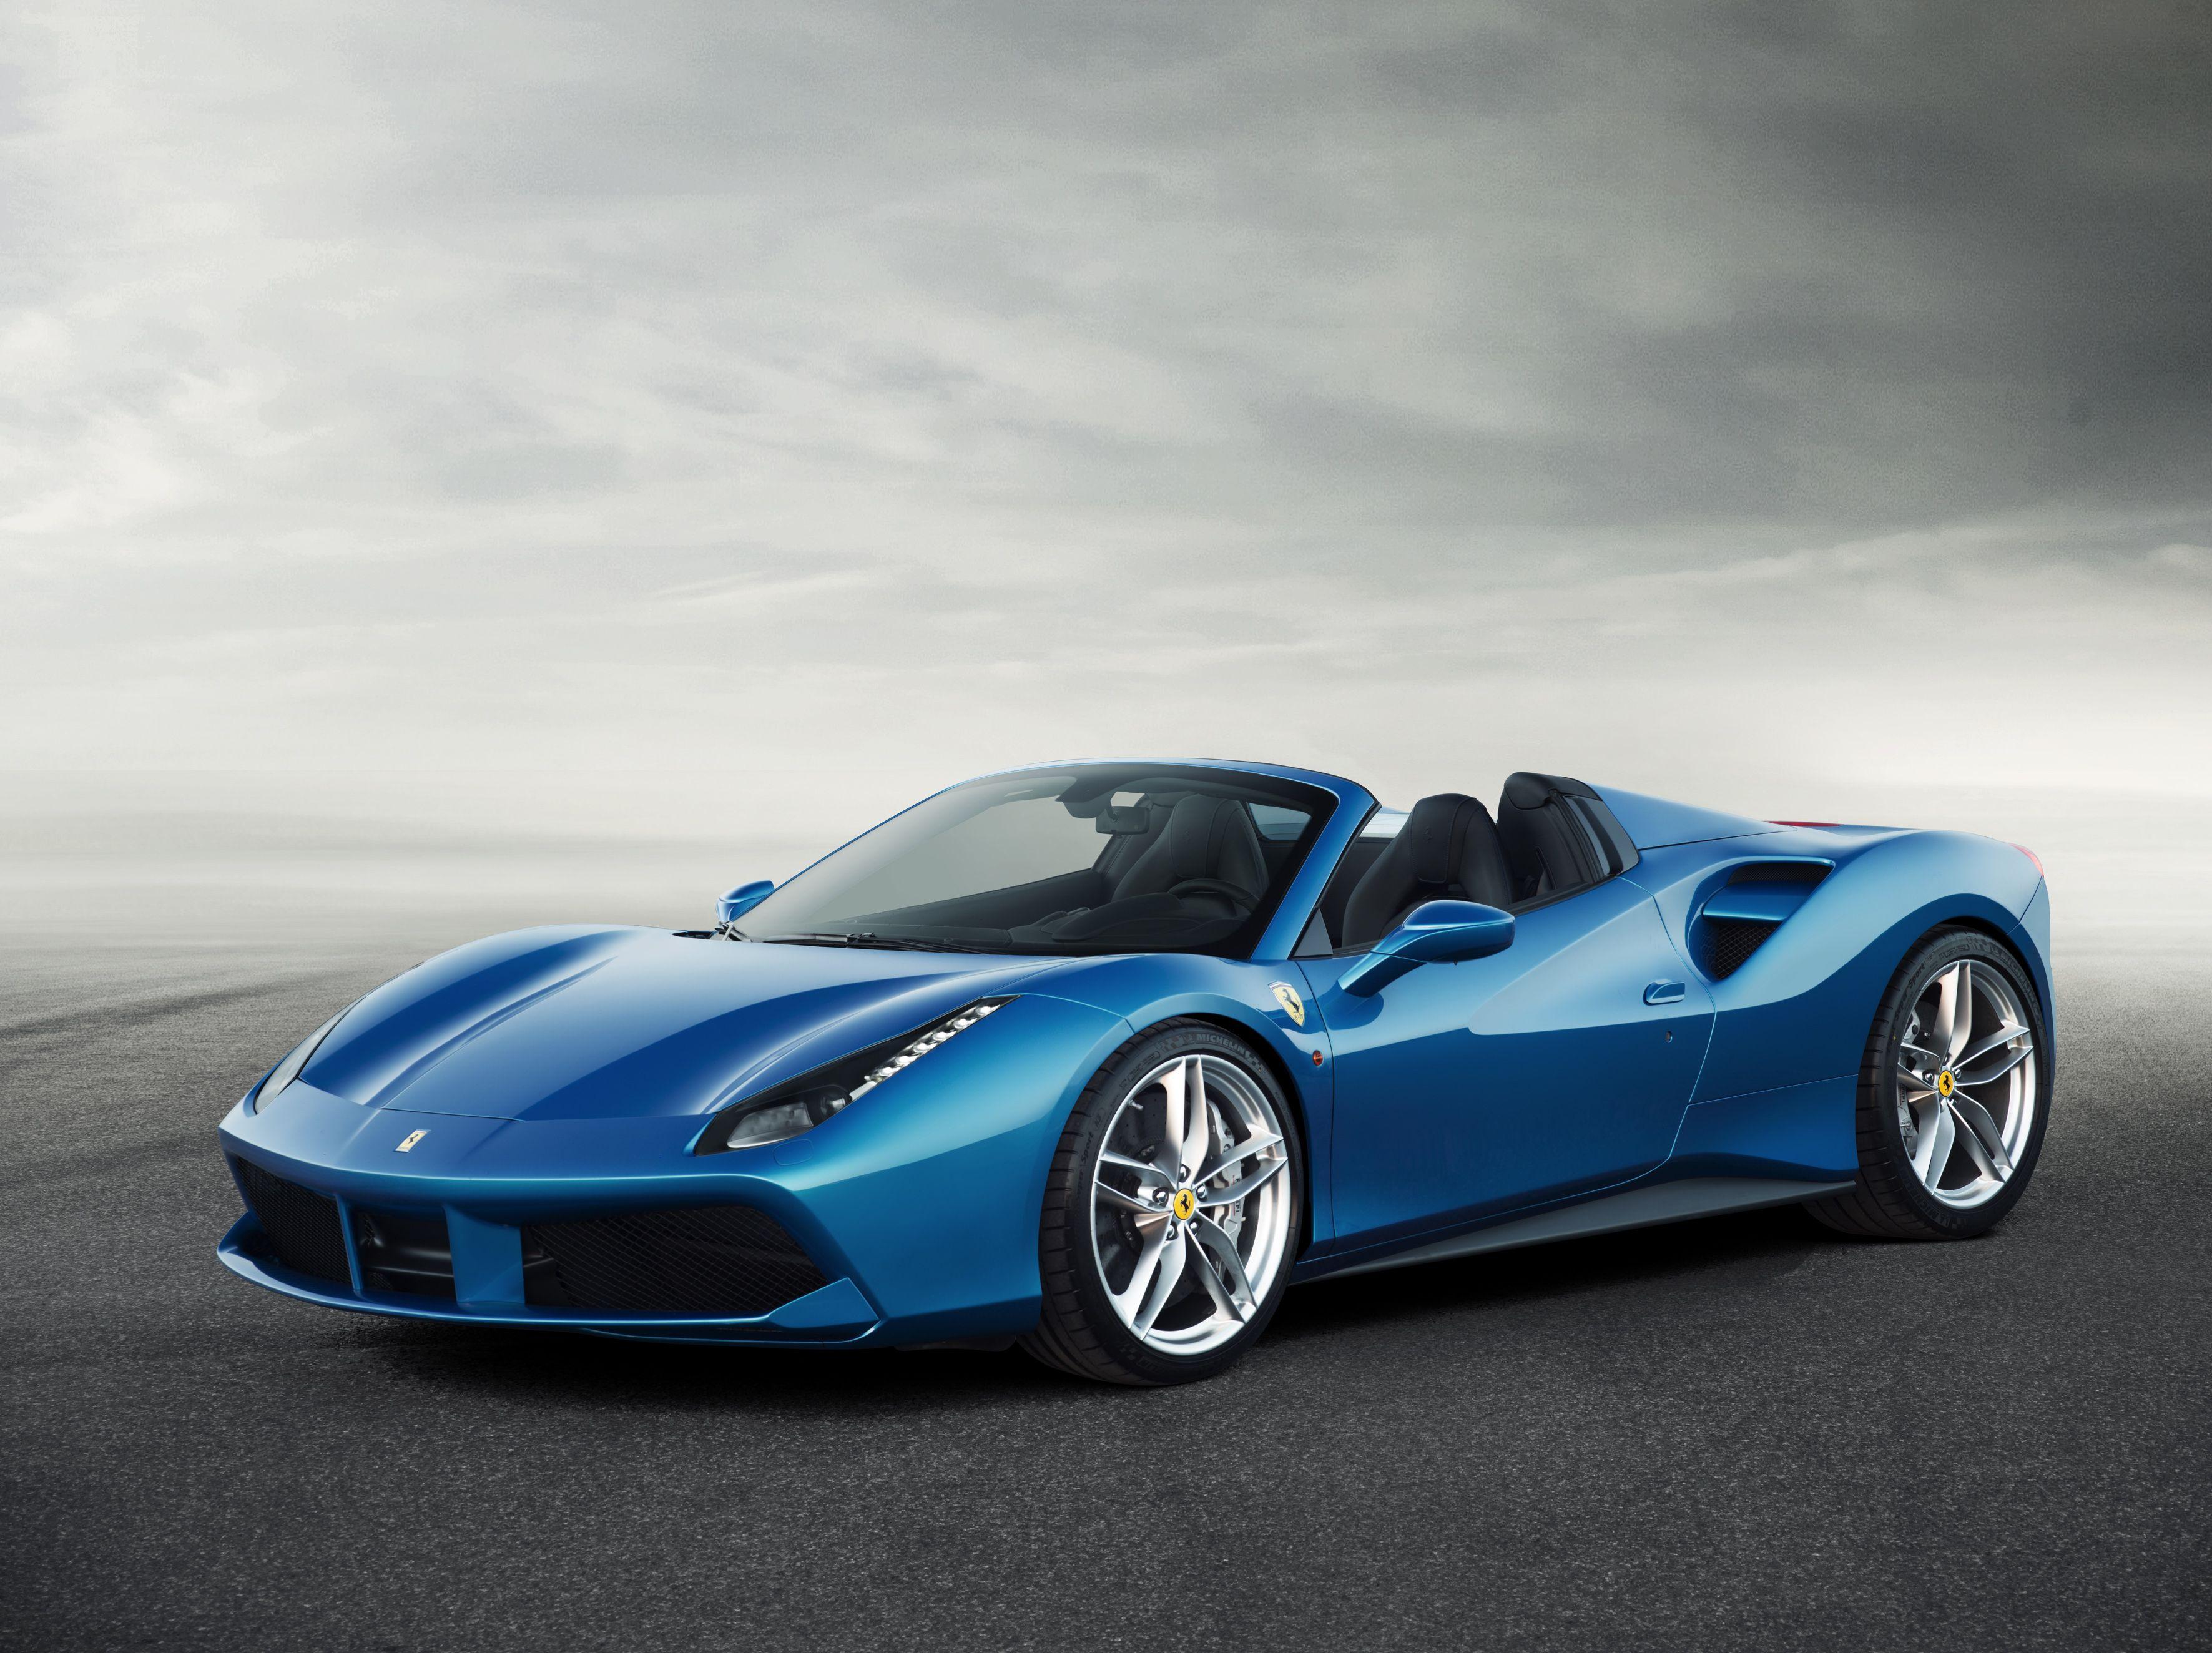 68d505dc29c888961045c92b88fc16a2 Marvelous Photo Ferrari Mondial 8 Quattrovalvole Rouge Occasion Cars Trend